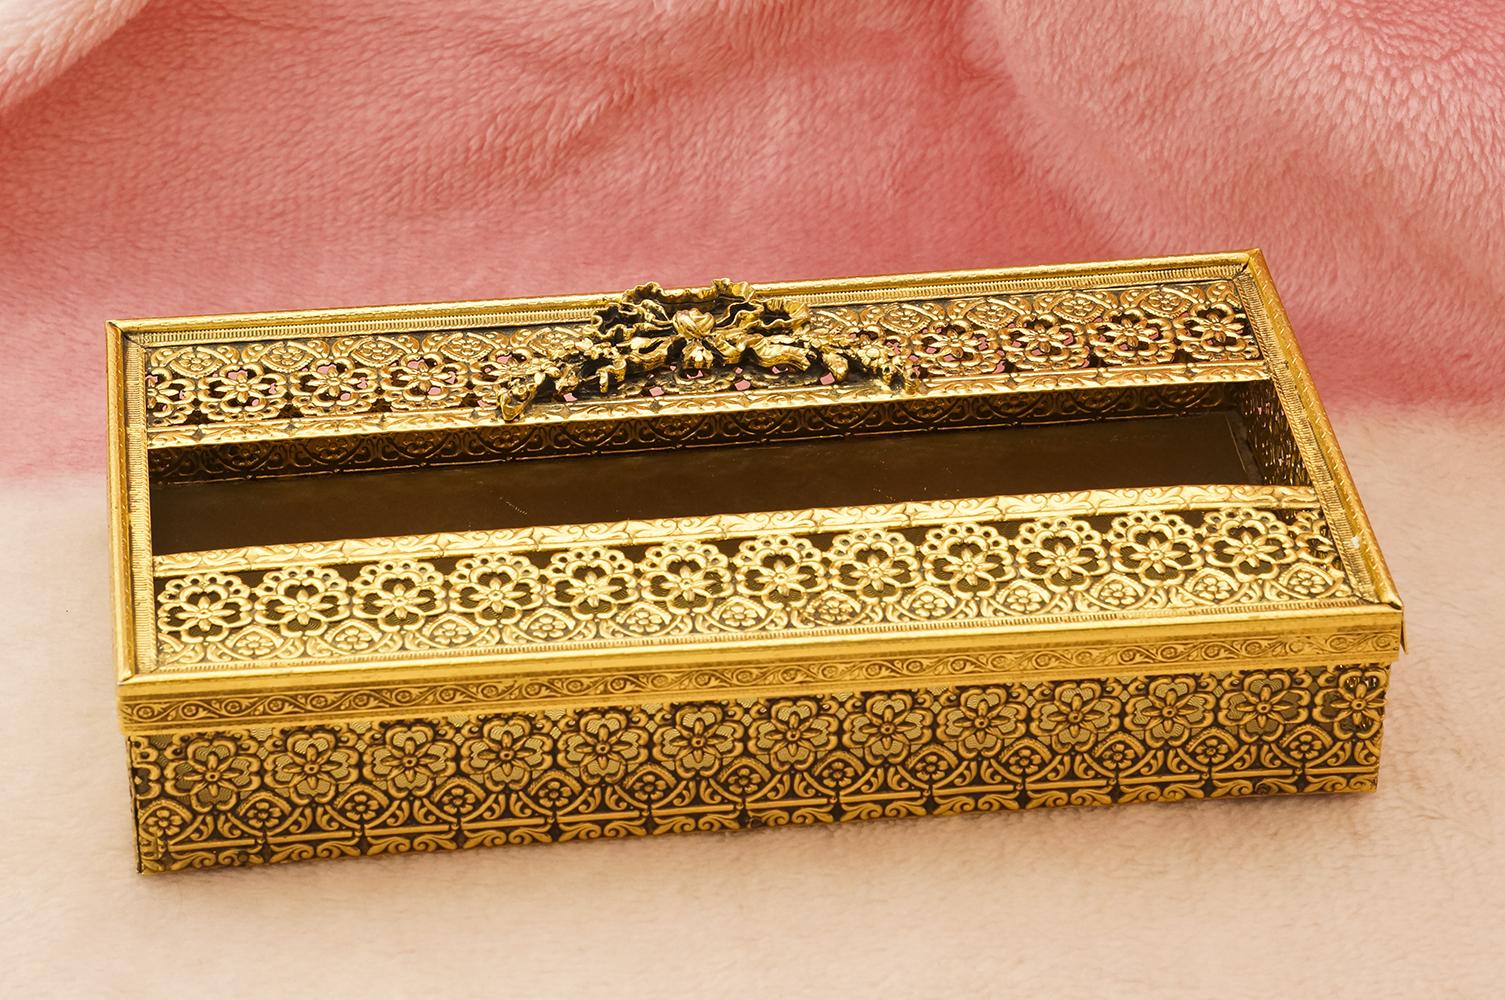 スタイルビルト製 ゴールド フラワーリボン ティッシュボックス